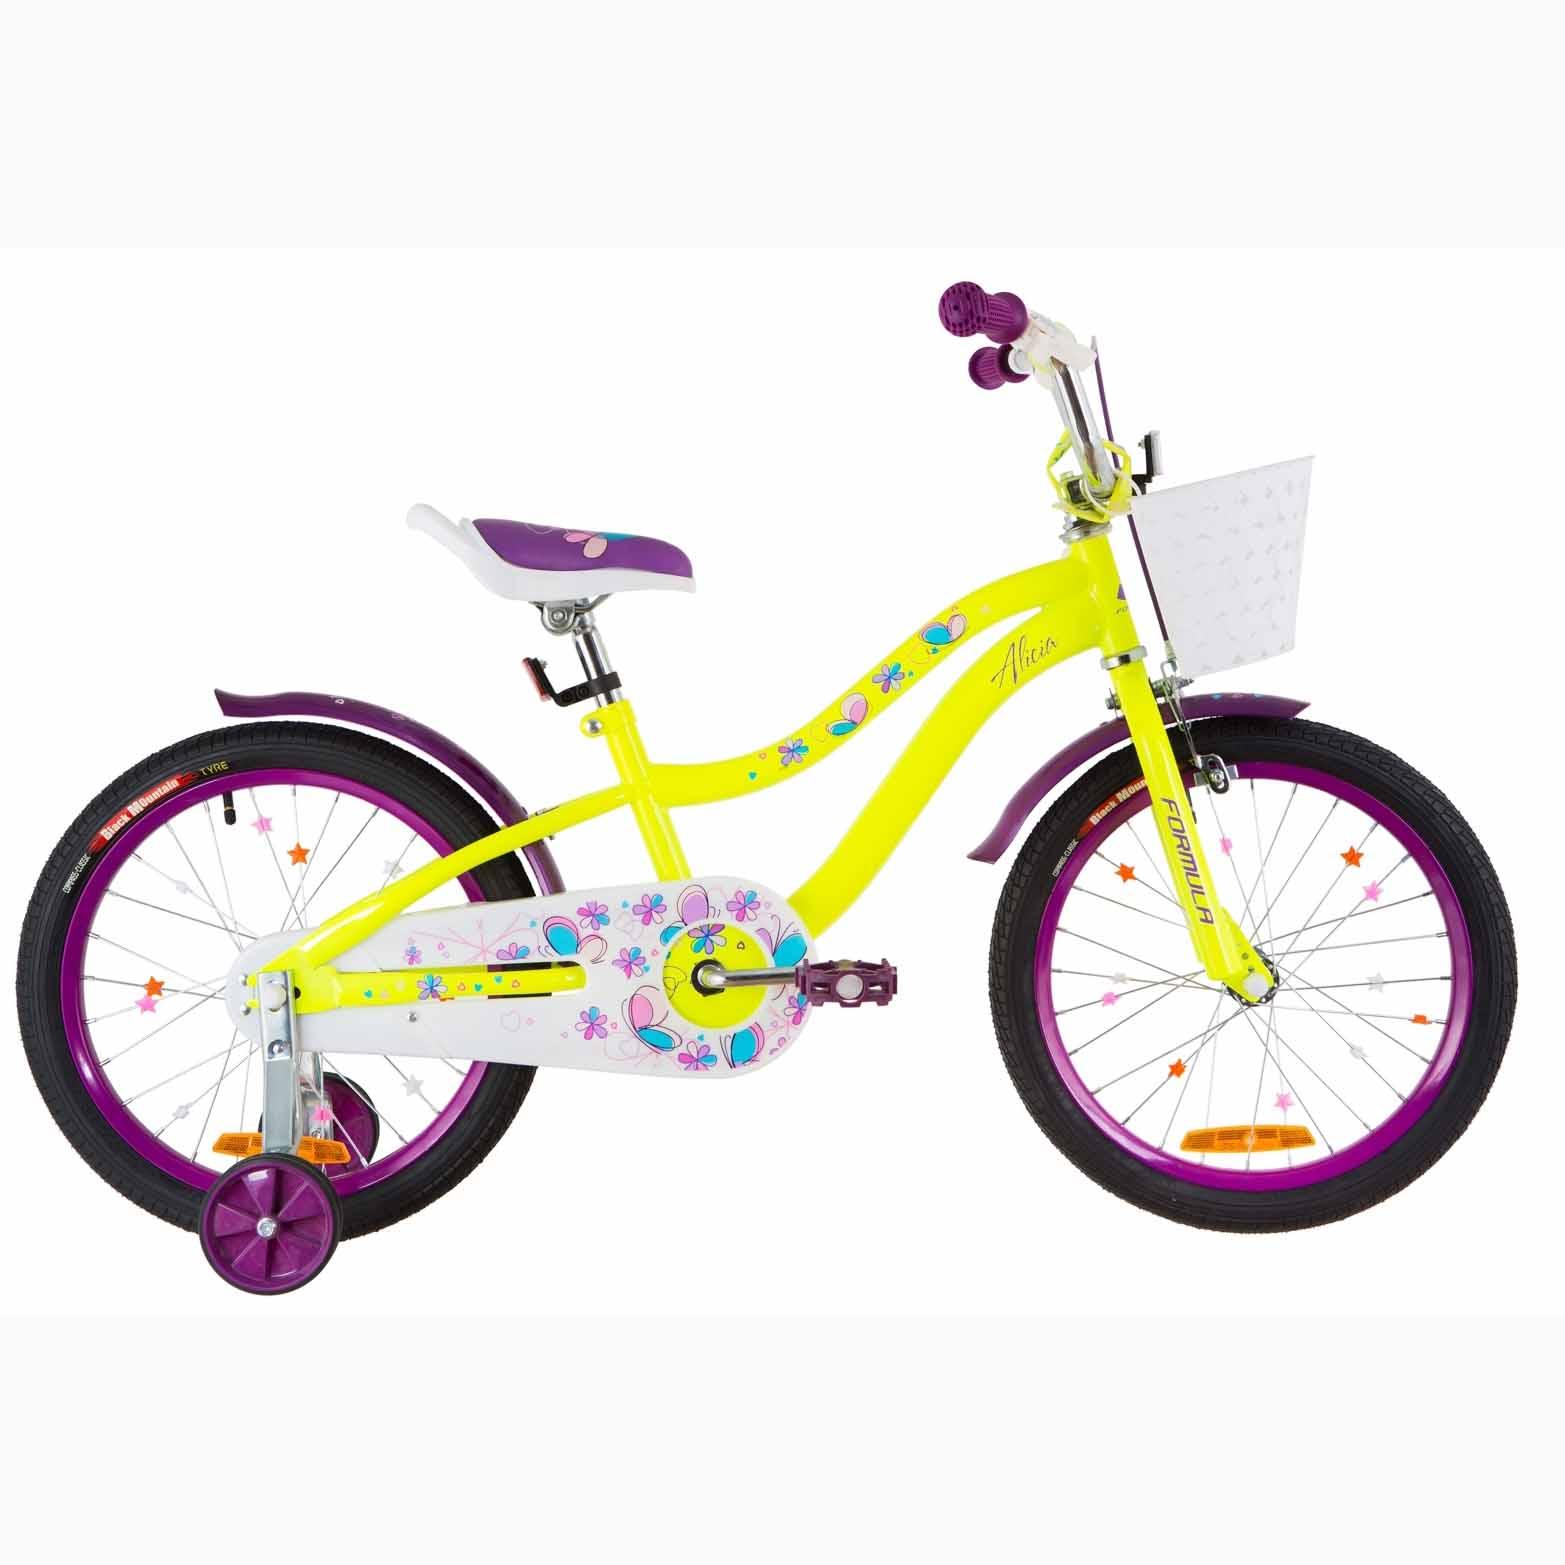 Фото Детский Велосипед 18 Formula ALICIA желто-фиолетовый 2019